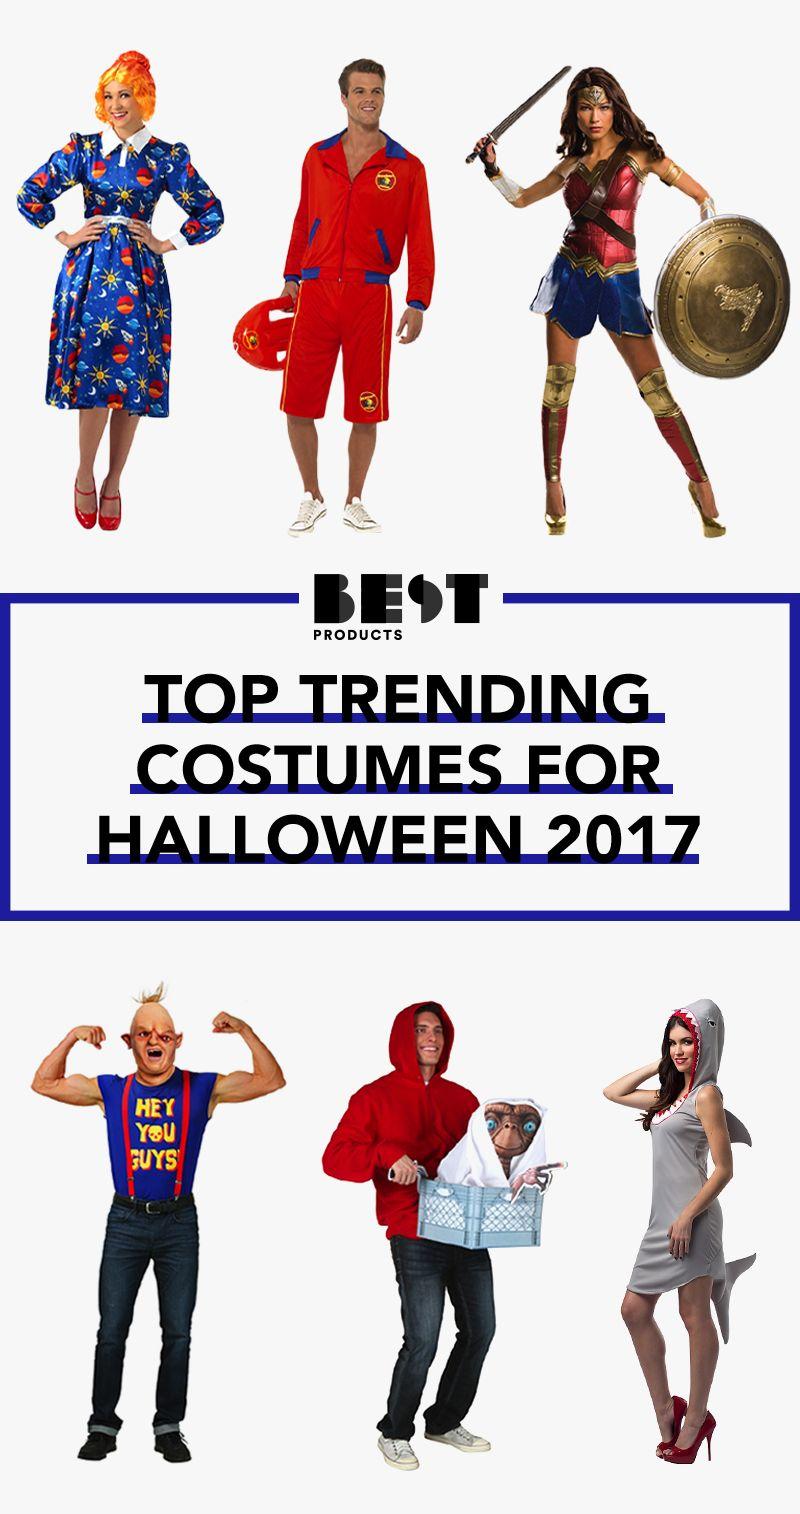 118 Best Halloween Costumes of 2018 - Top Trending Costume Ideas ...